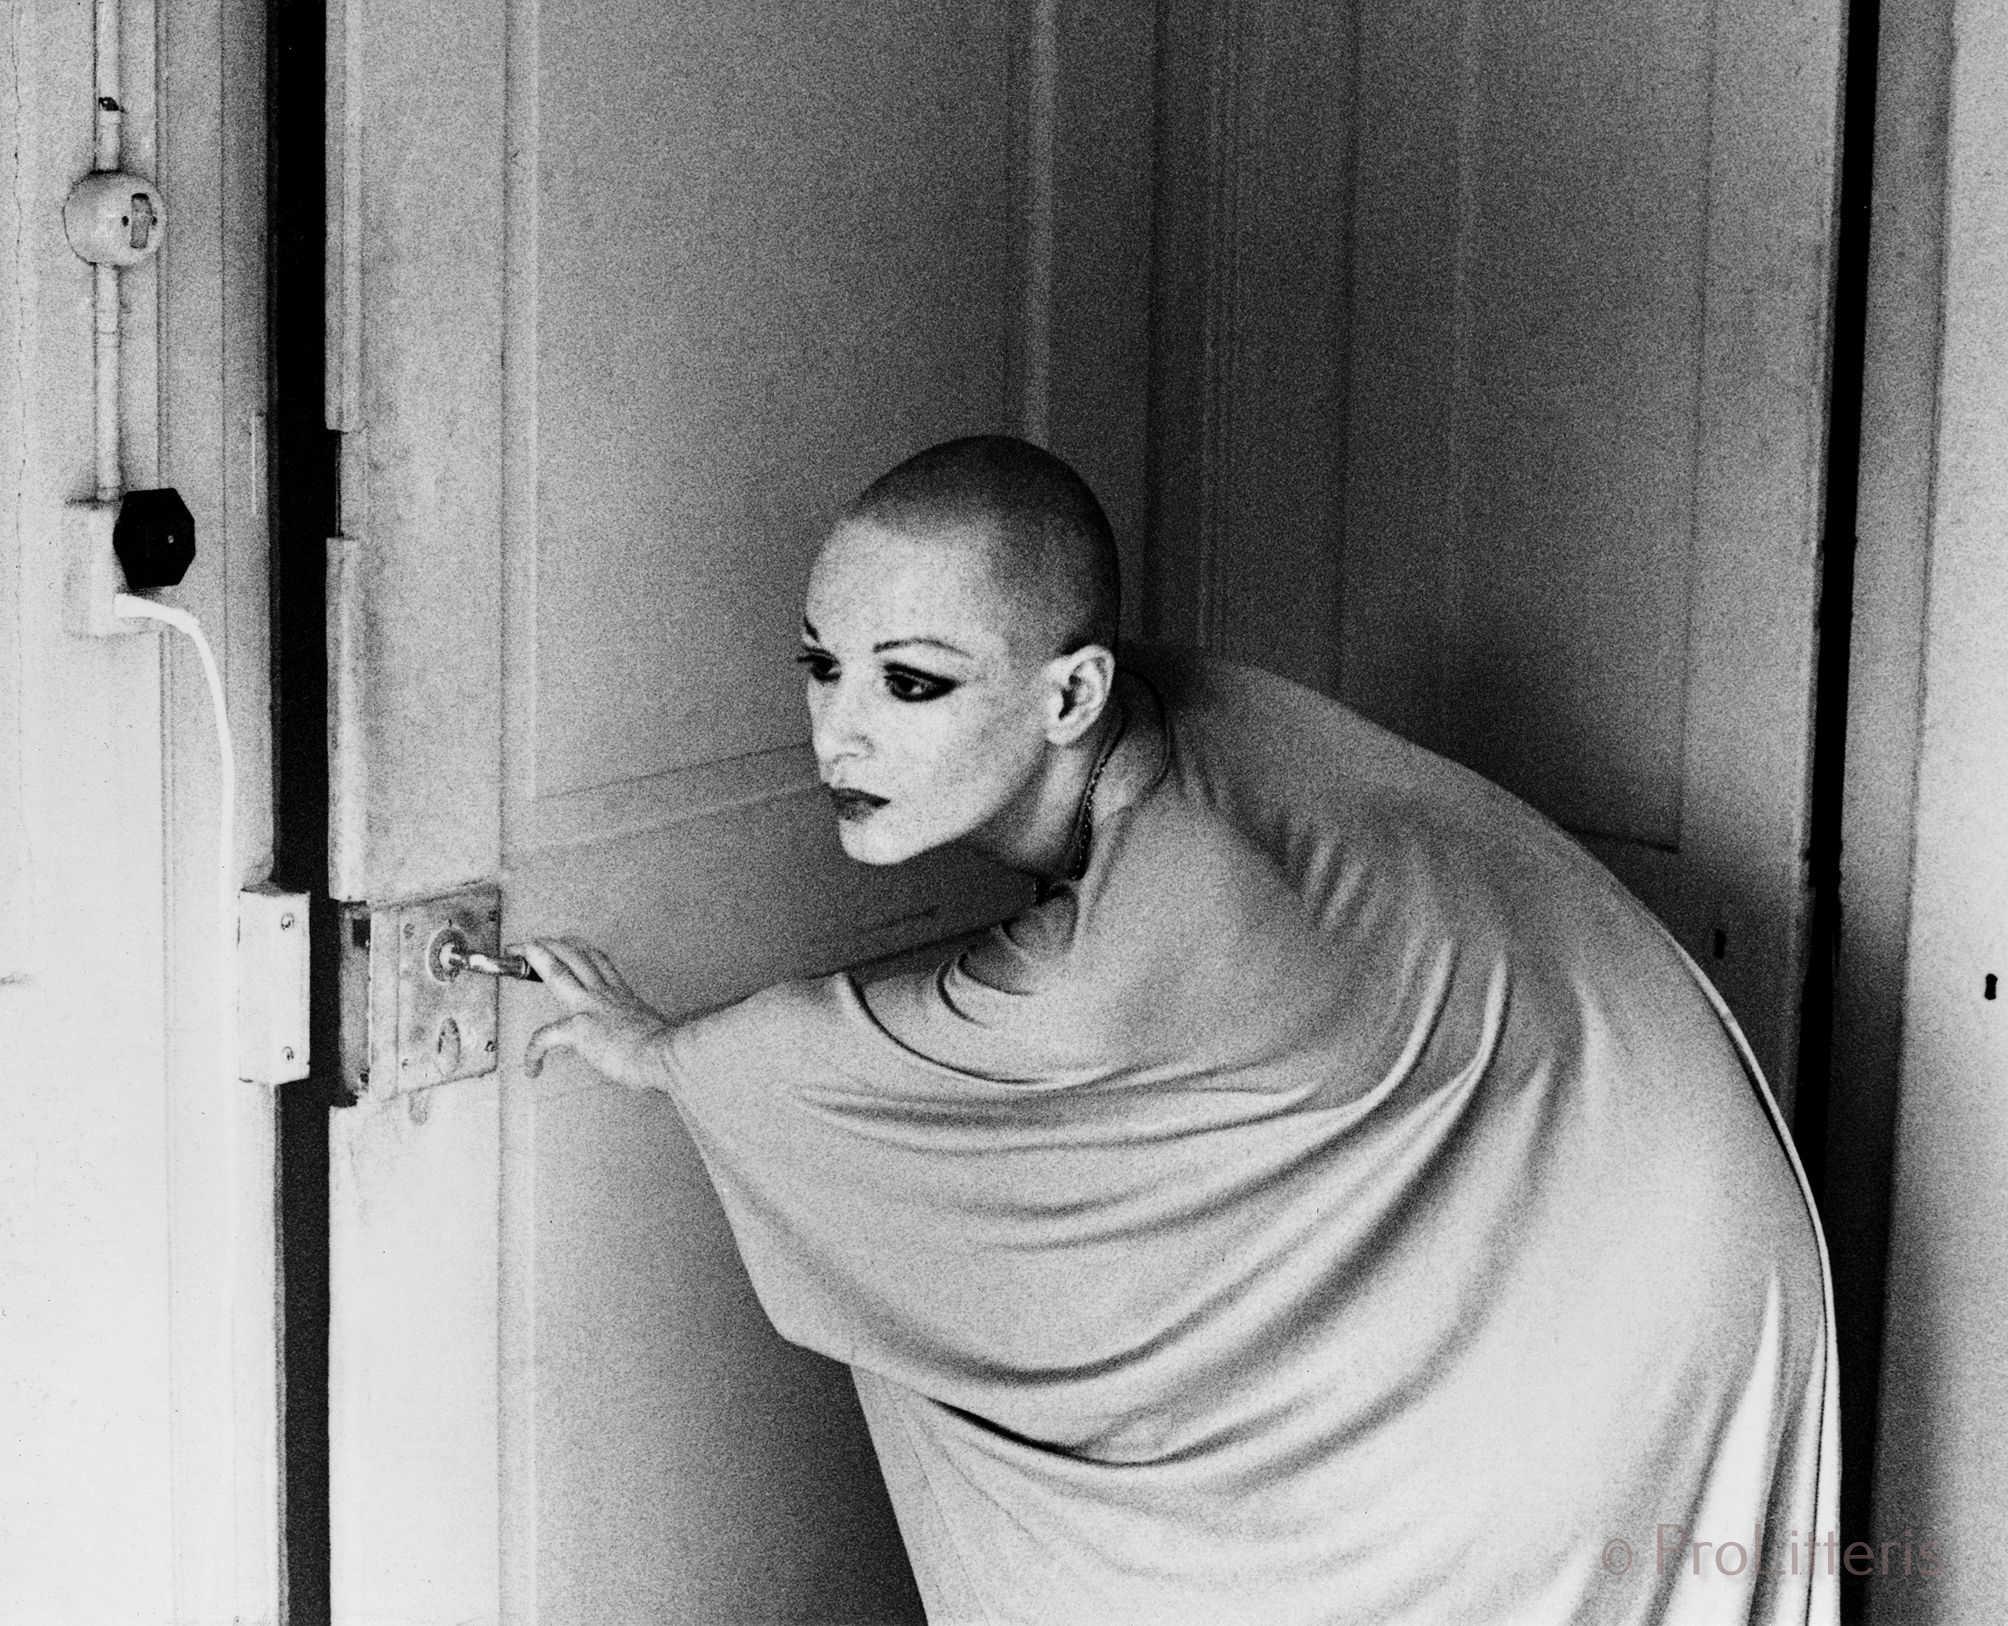 La dame au crâne rasé 1977/78